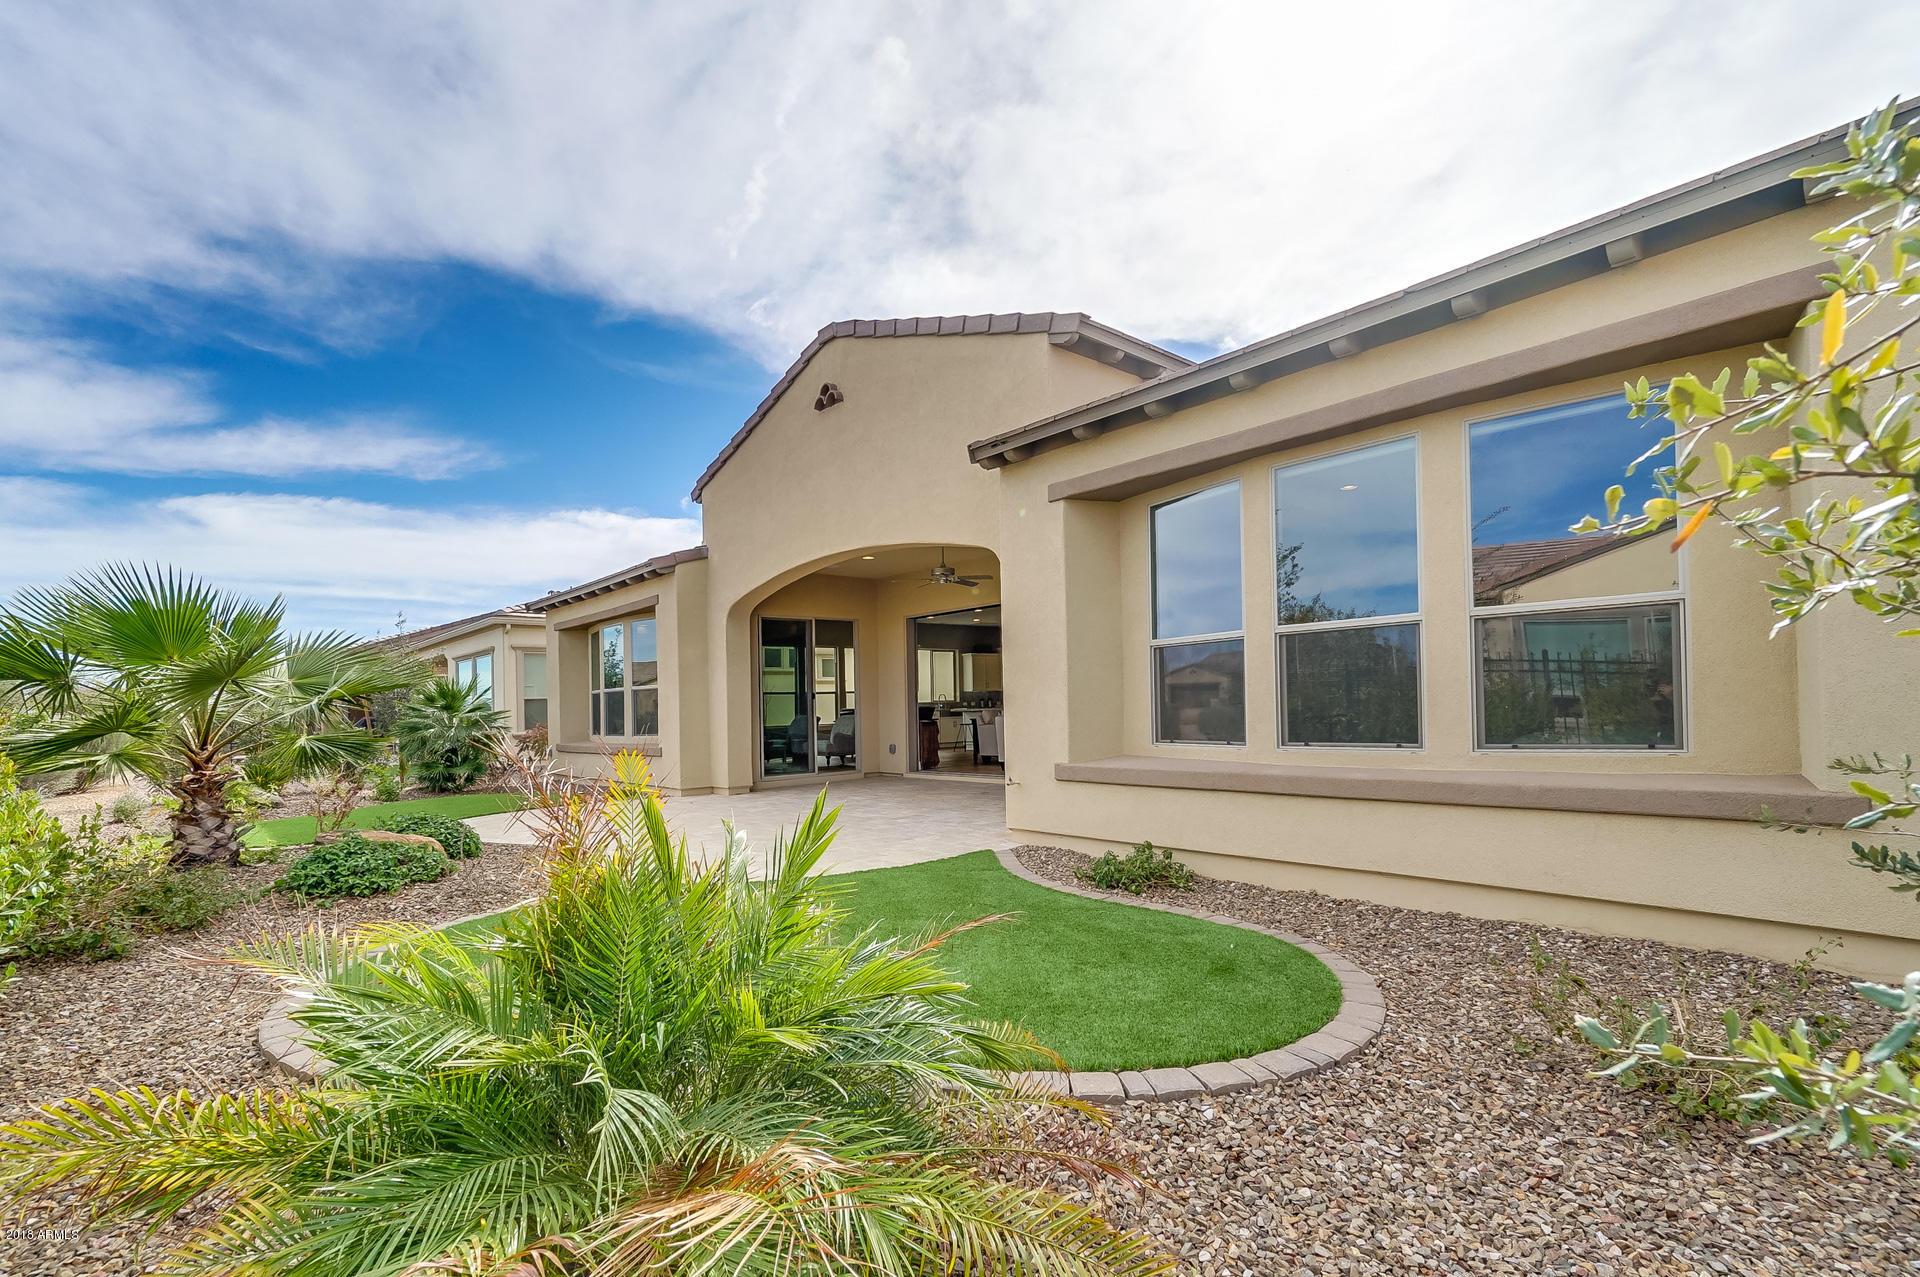 MLS 5717178 1302 E CORSIA Lane, San Tan Valley, AZ 85140 San Tan Valley AZ Newly Built